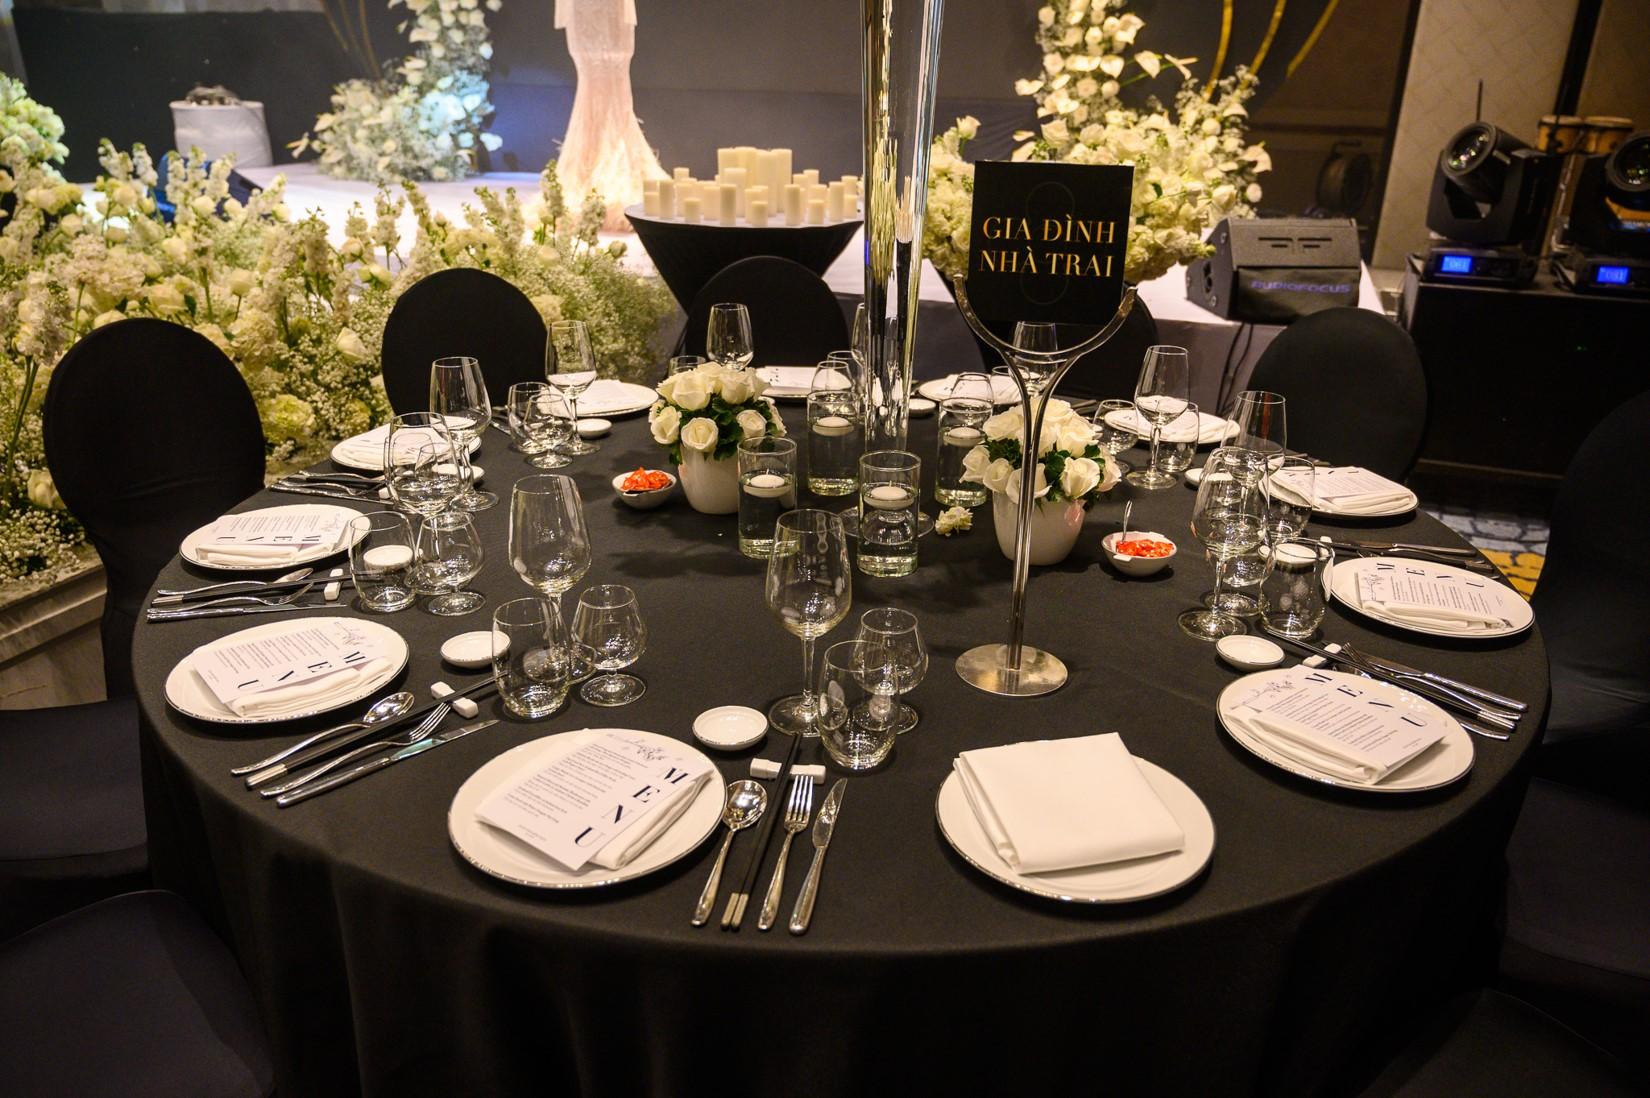 Đám cưới Bảo Thy gây choáng với thực đơn toàn sơn hào hải vị - 7